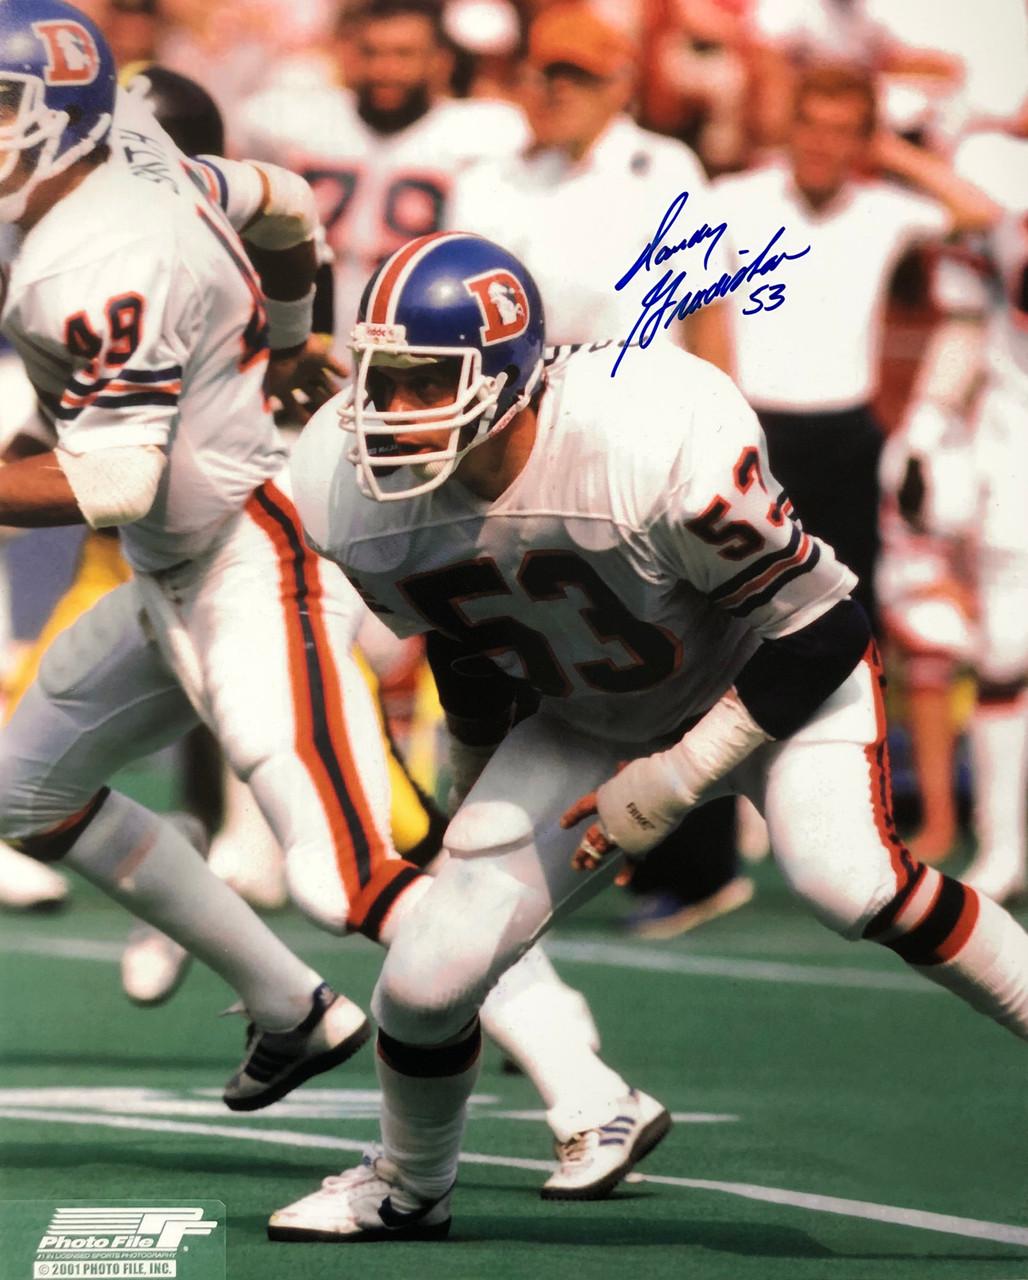 Randy Gradishar Denver Broncos 16-1 16x20 Autographed Photo - Certified Authentic